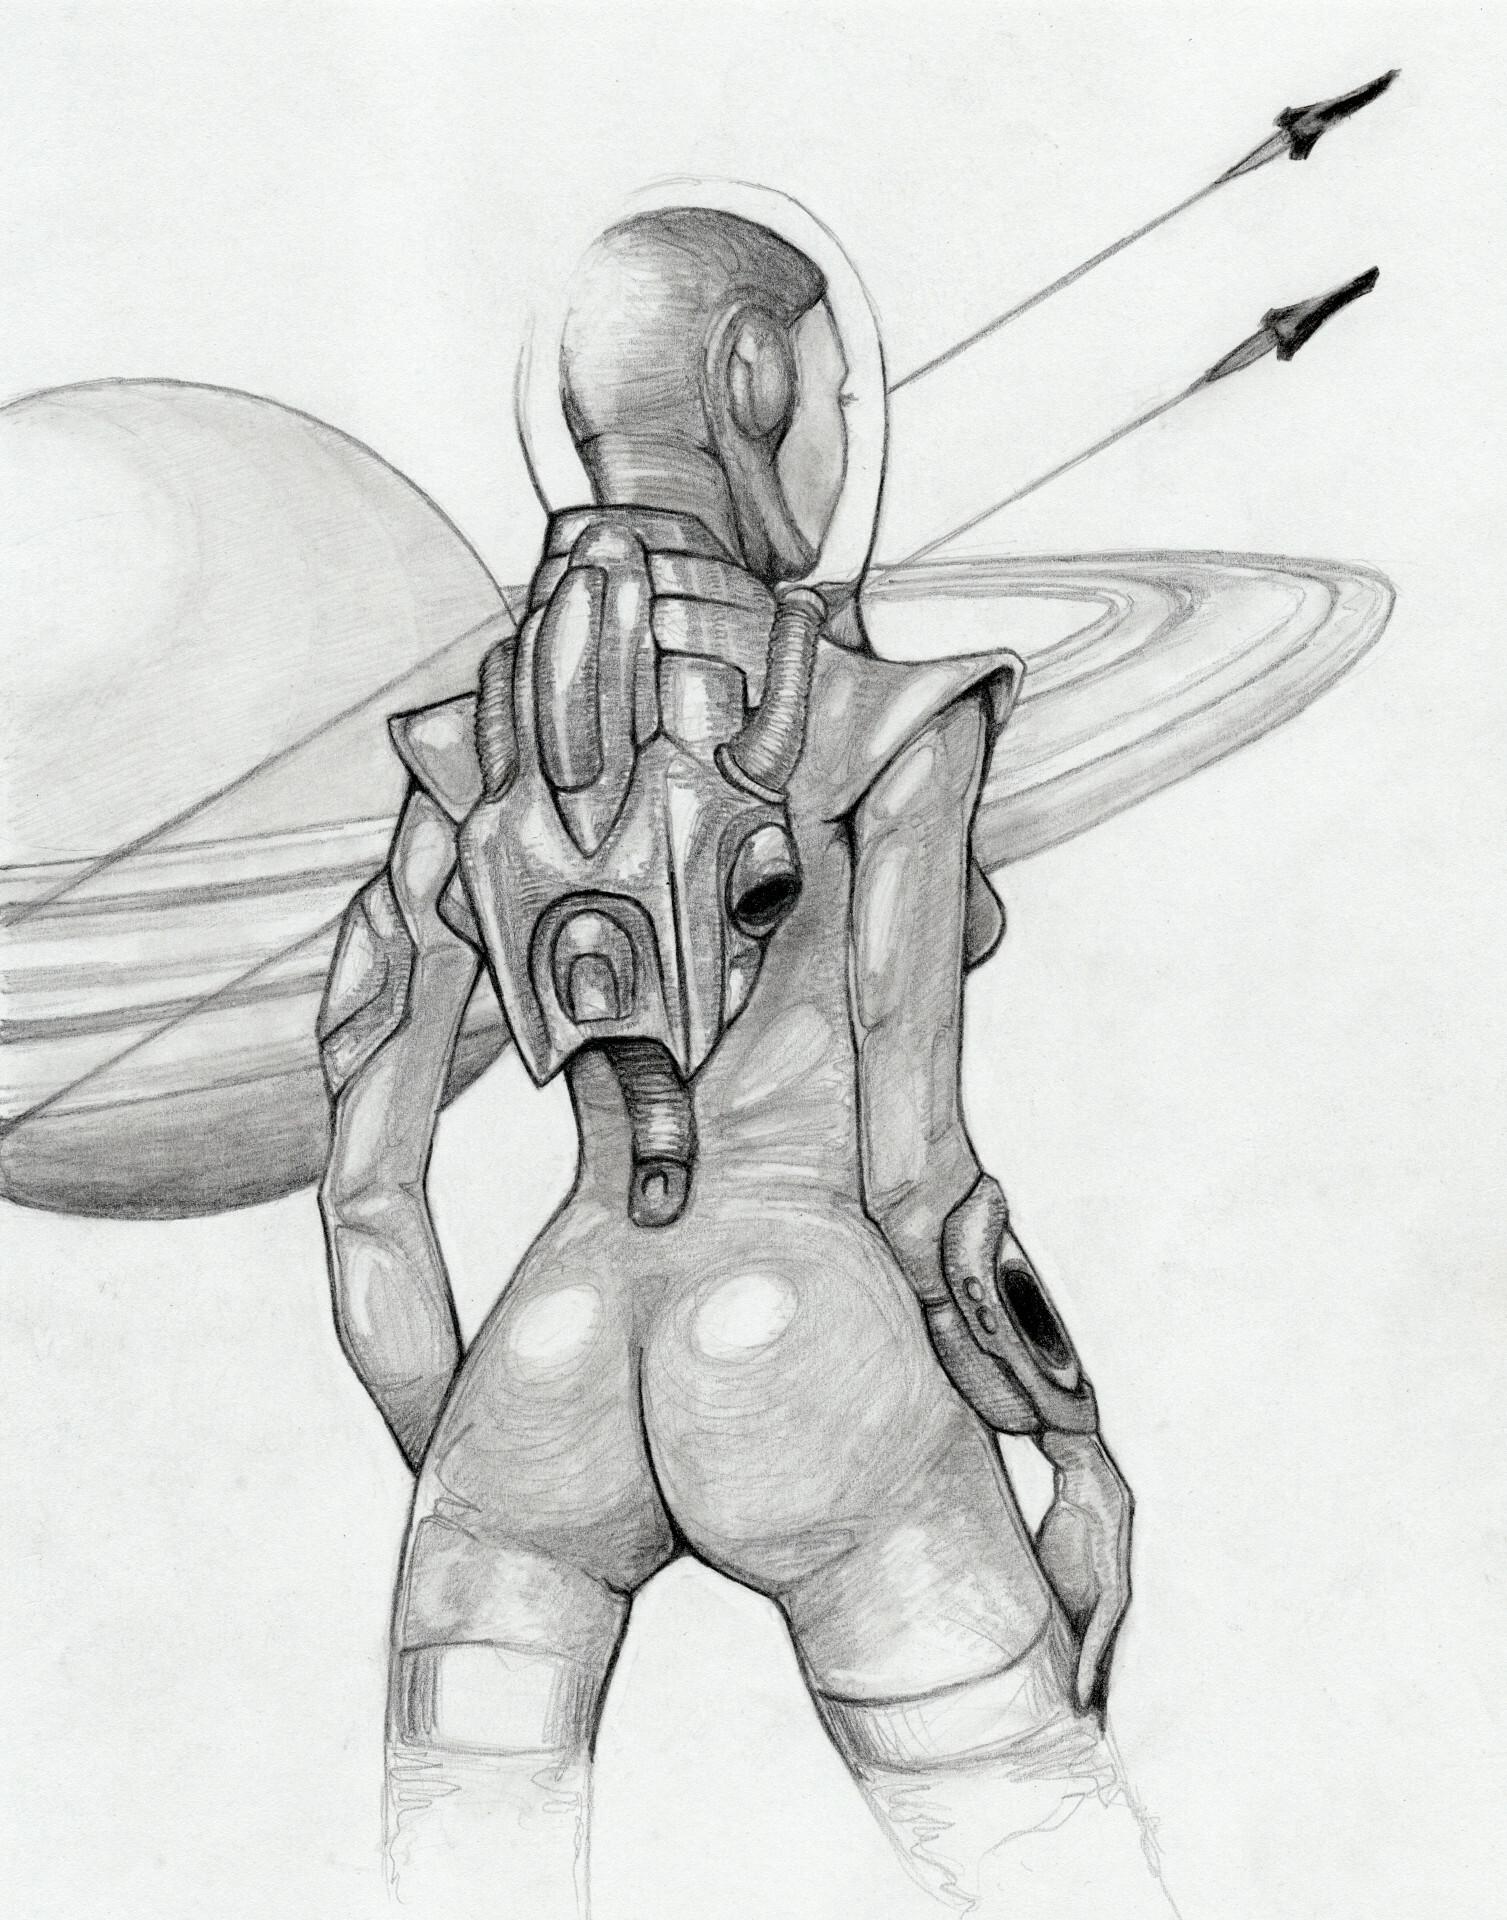 Pencil scan